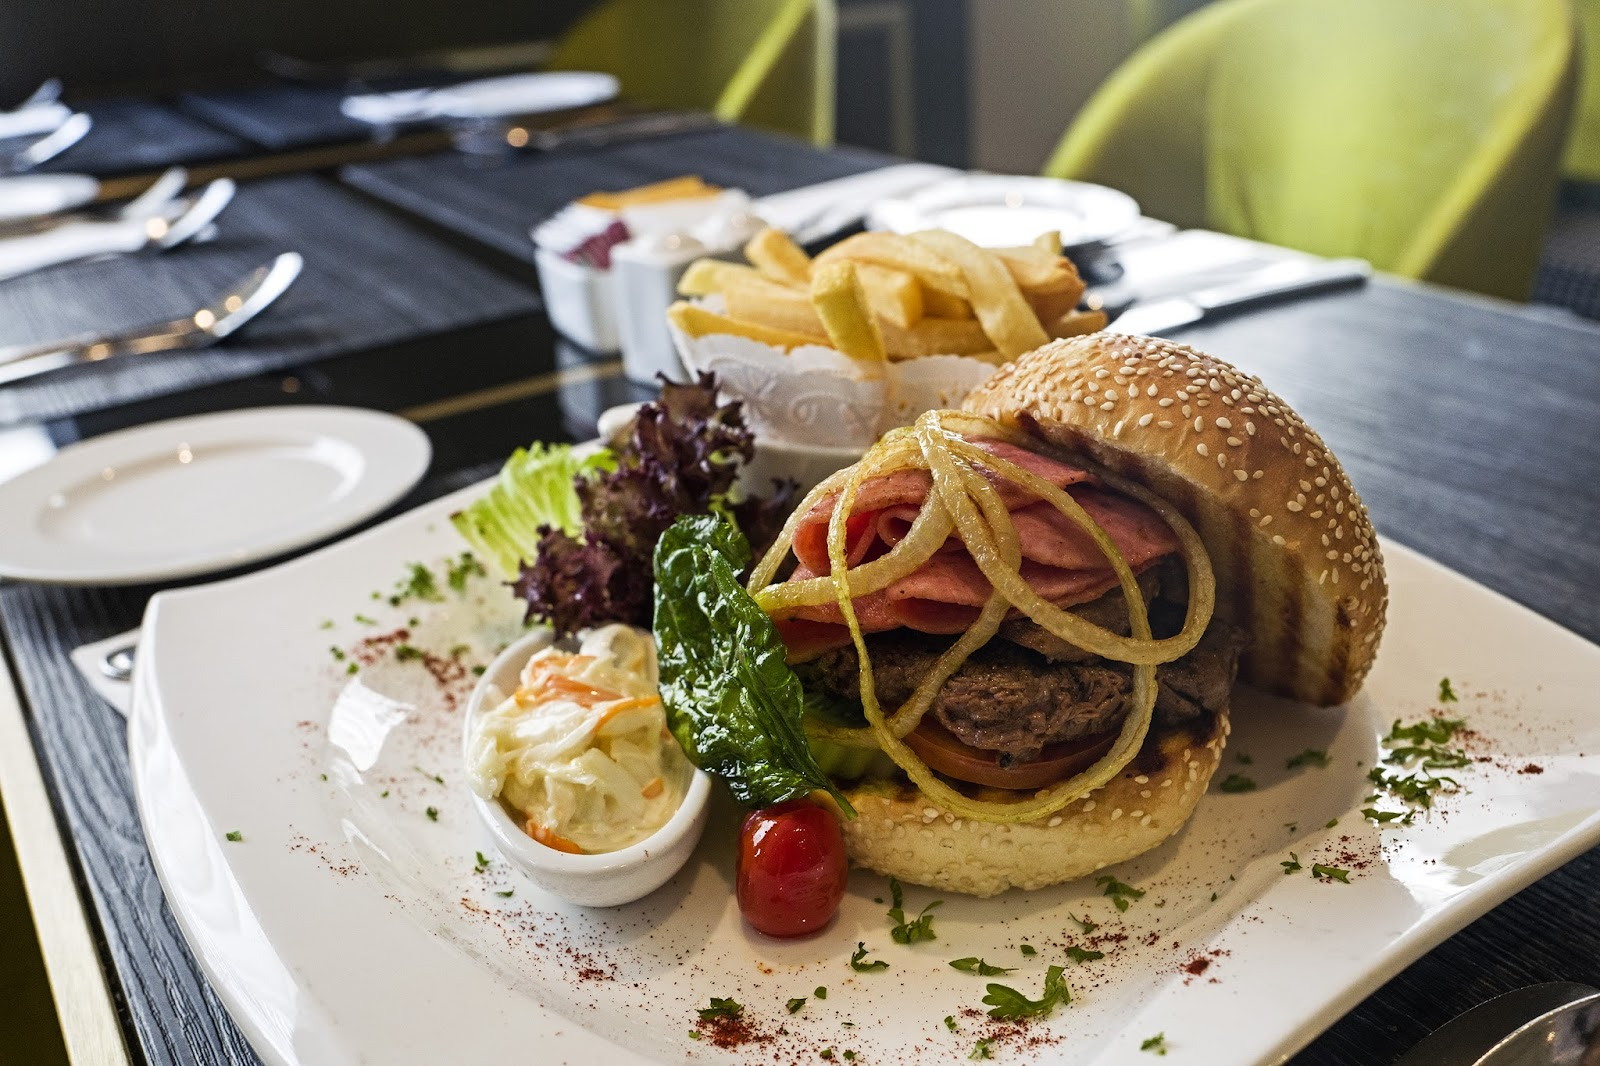 f-burger-L1070540.jpg